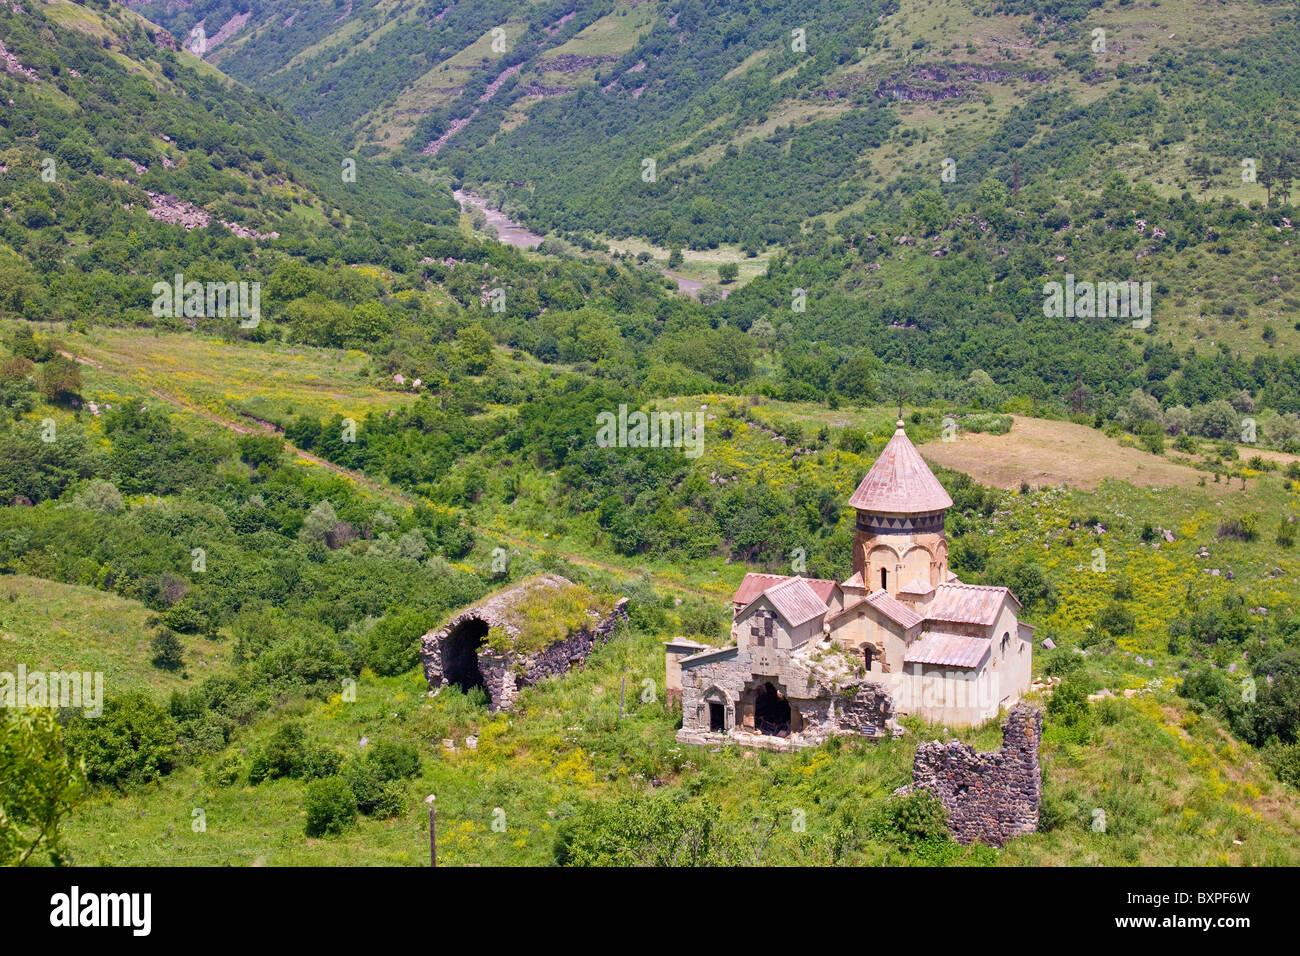 Hnevank Igreja Apostólica Arménia mosteiro perto do Desfiladeiro Debed na Arménia Imagens de Stock